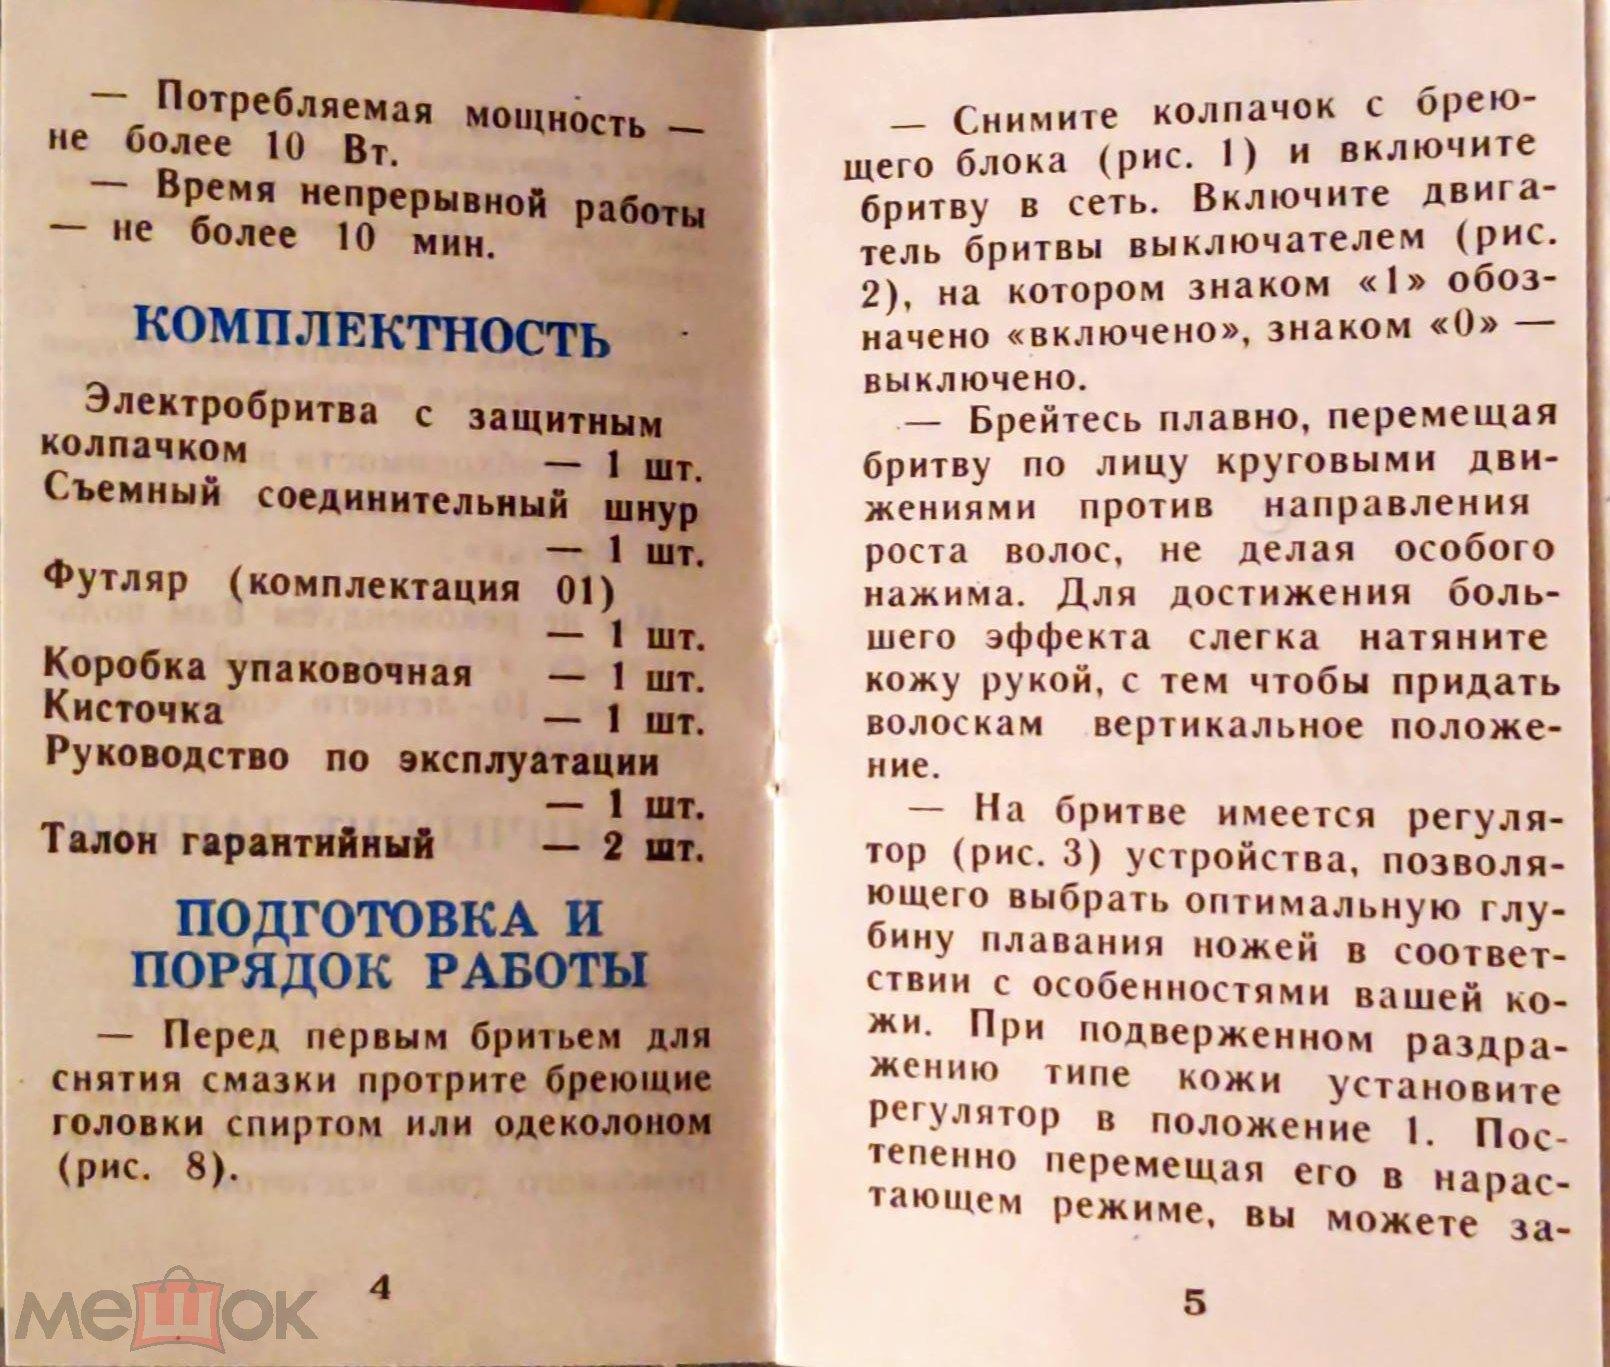 РУКОВОДСТВО ДЛЯ БРИТВЫ БЕРДСК - 9 !!!